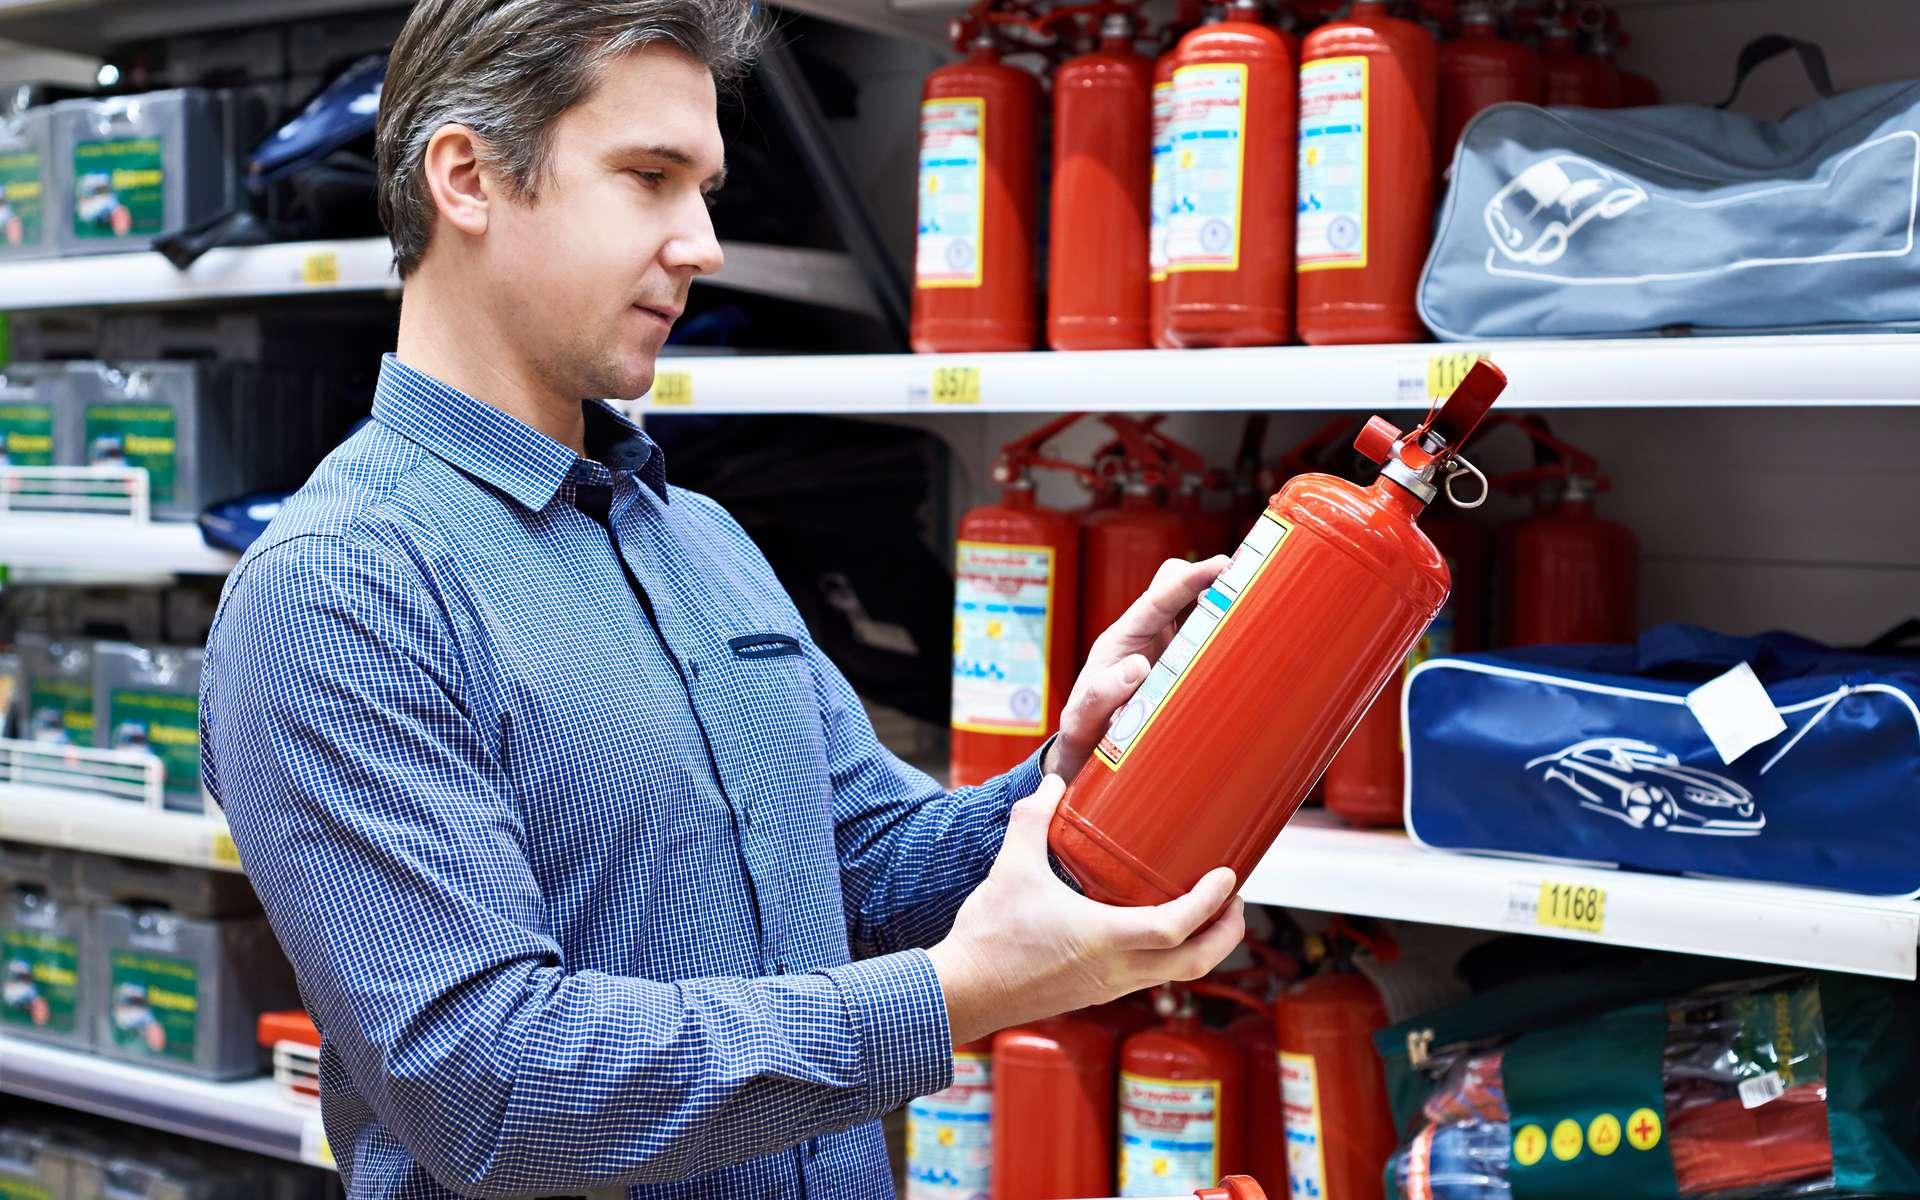 Dans le choix d'un extincteur, il faut aussi tenir compte du poids de façon à le transporter facilement. © Sergey Ryzhov, Fotolia